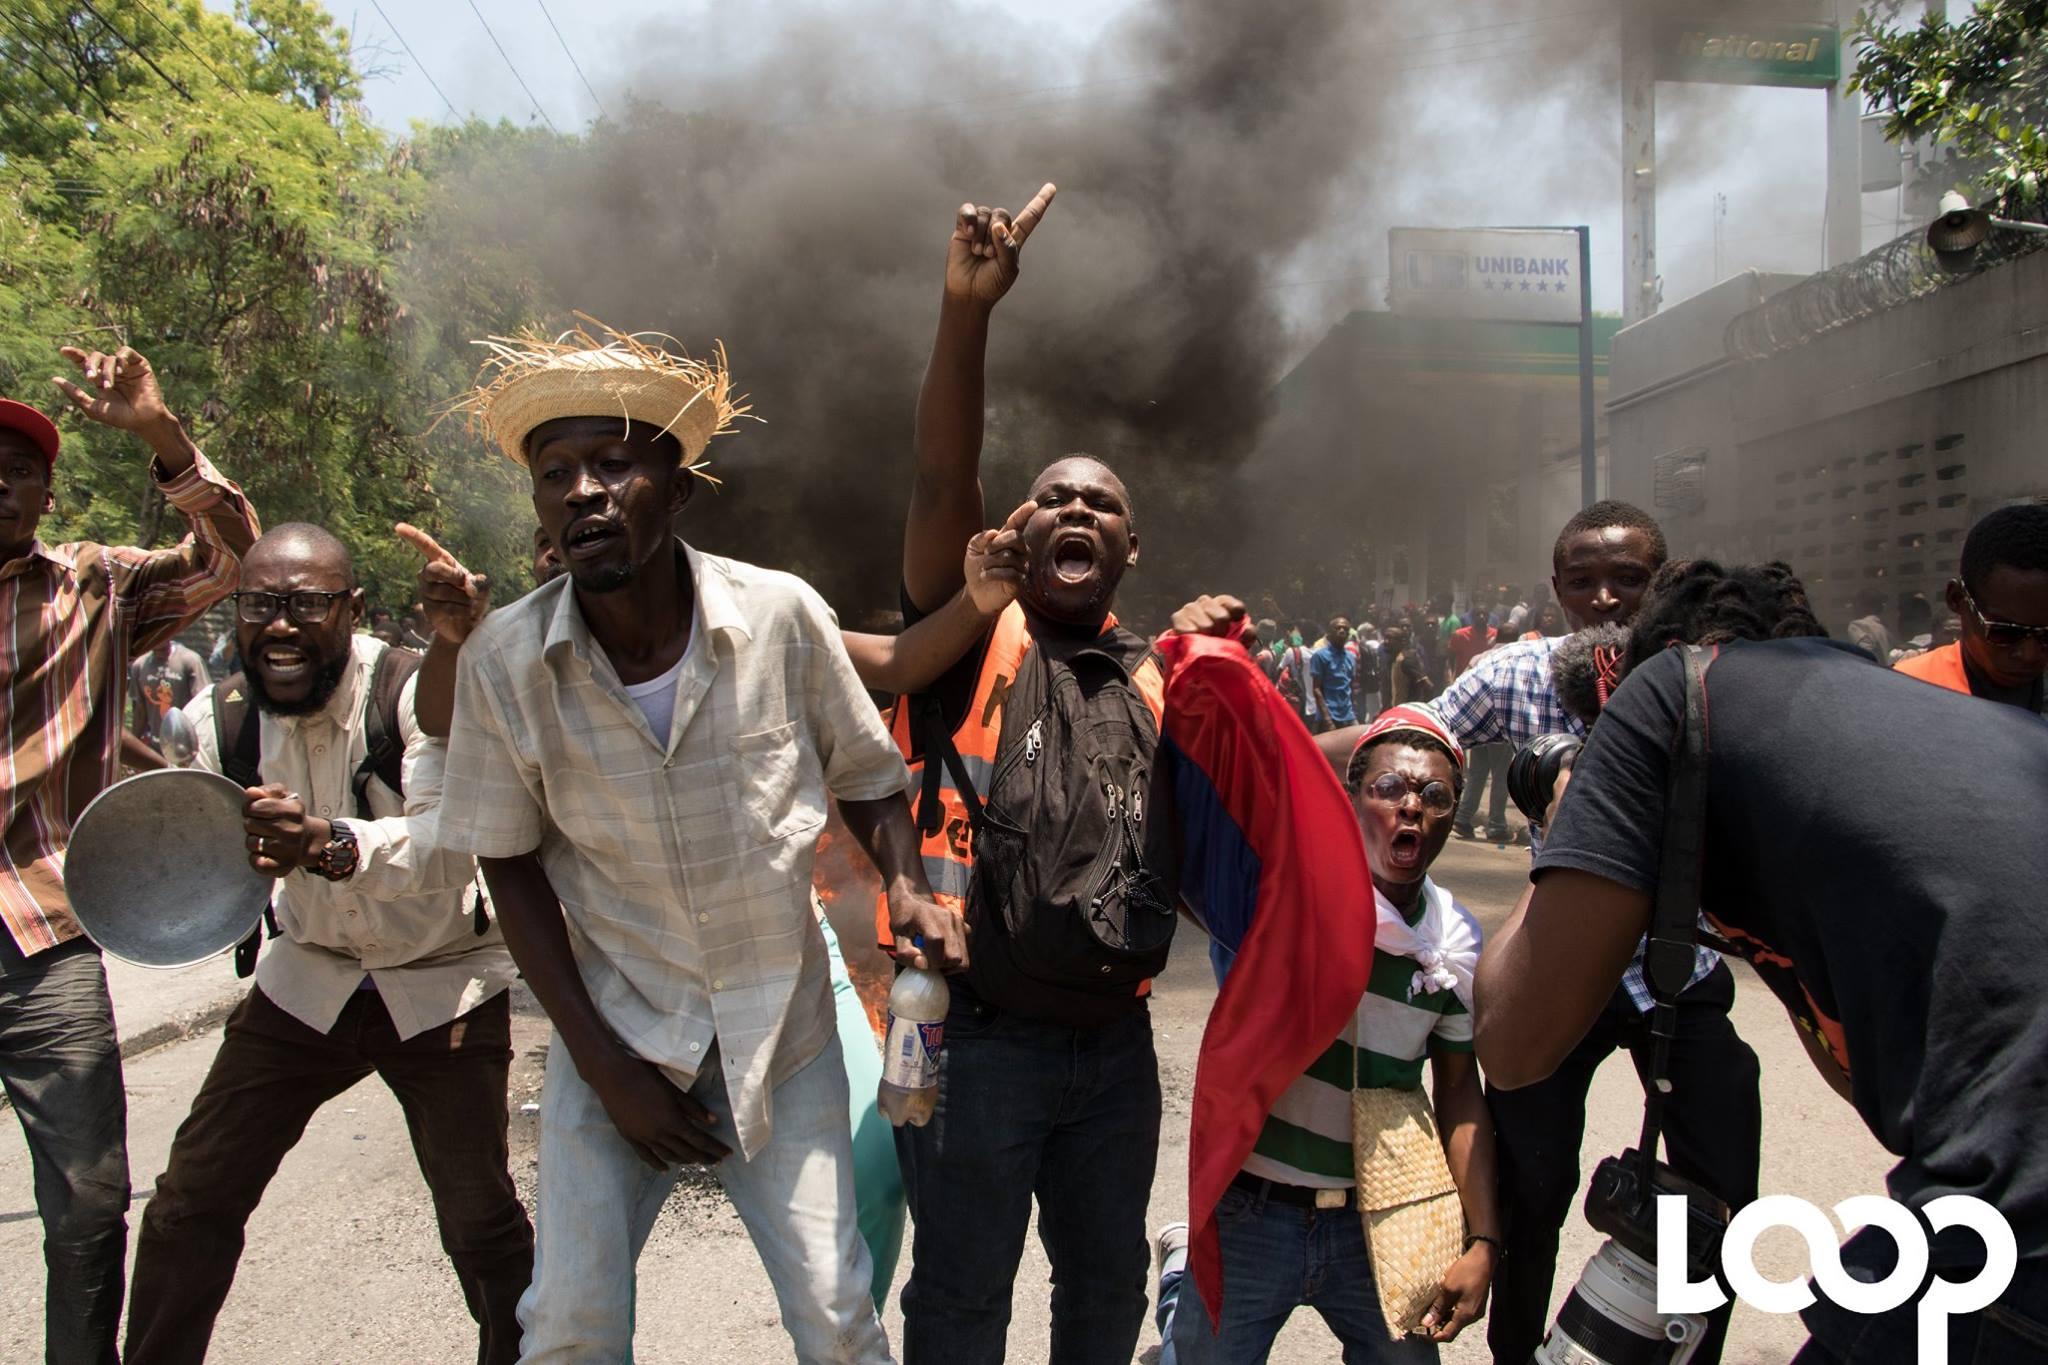 Des manifestants, dans les rues de Port-au-Prince, exigent le départ du président de la République Jovenel Moise./Photo: Loop Haiti-Luckenson Jean.